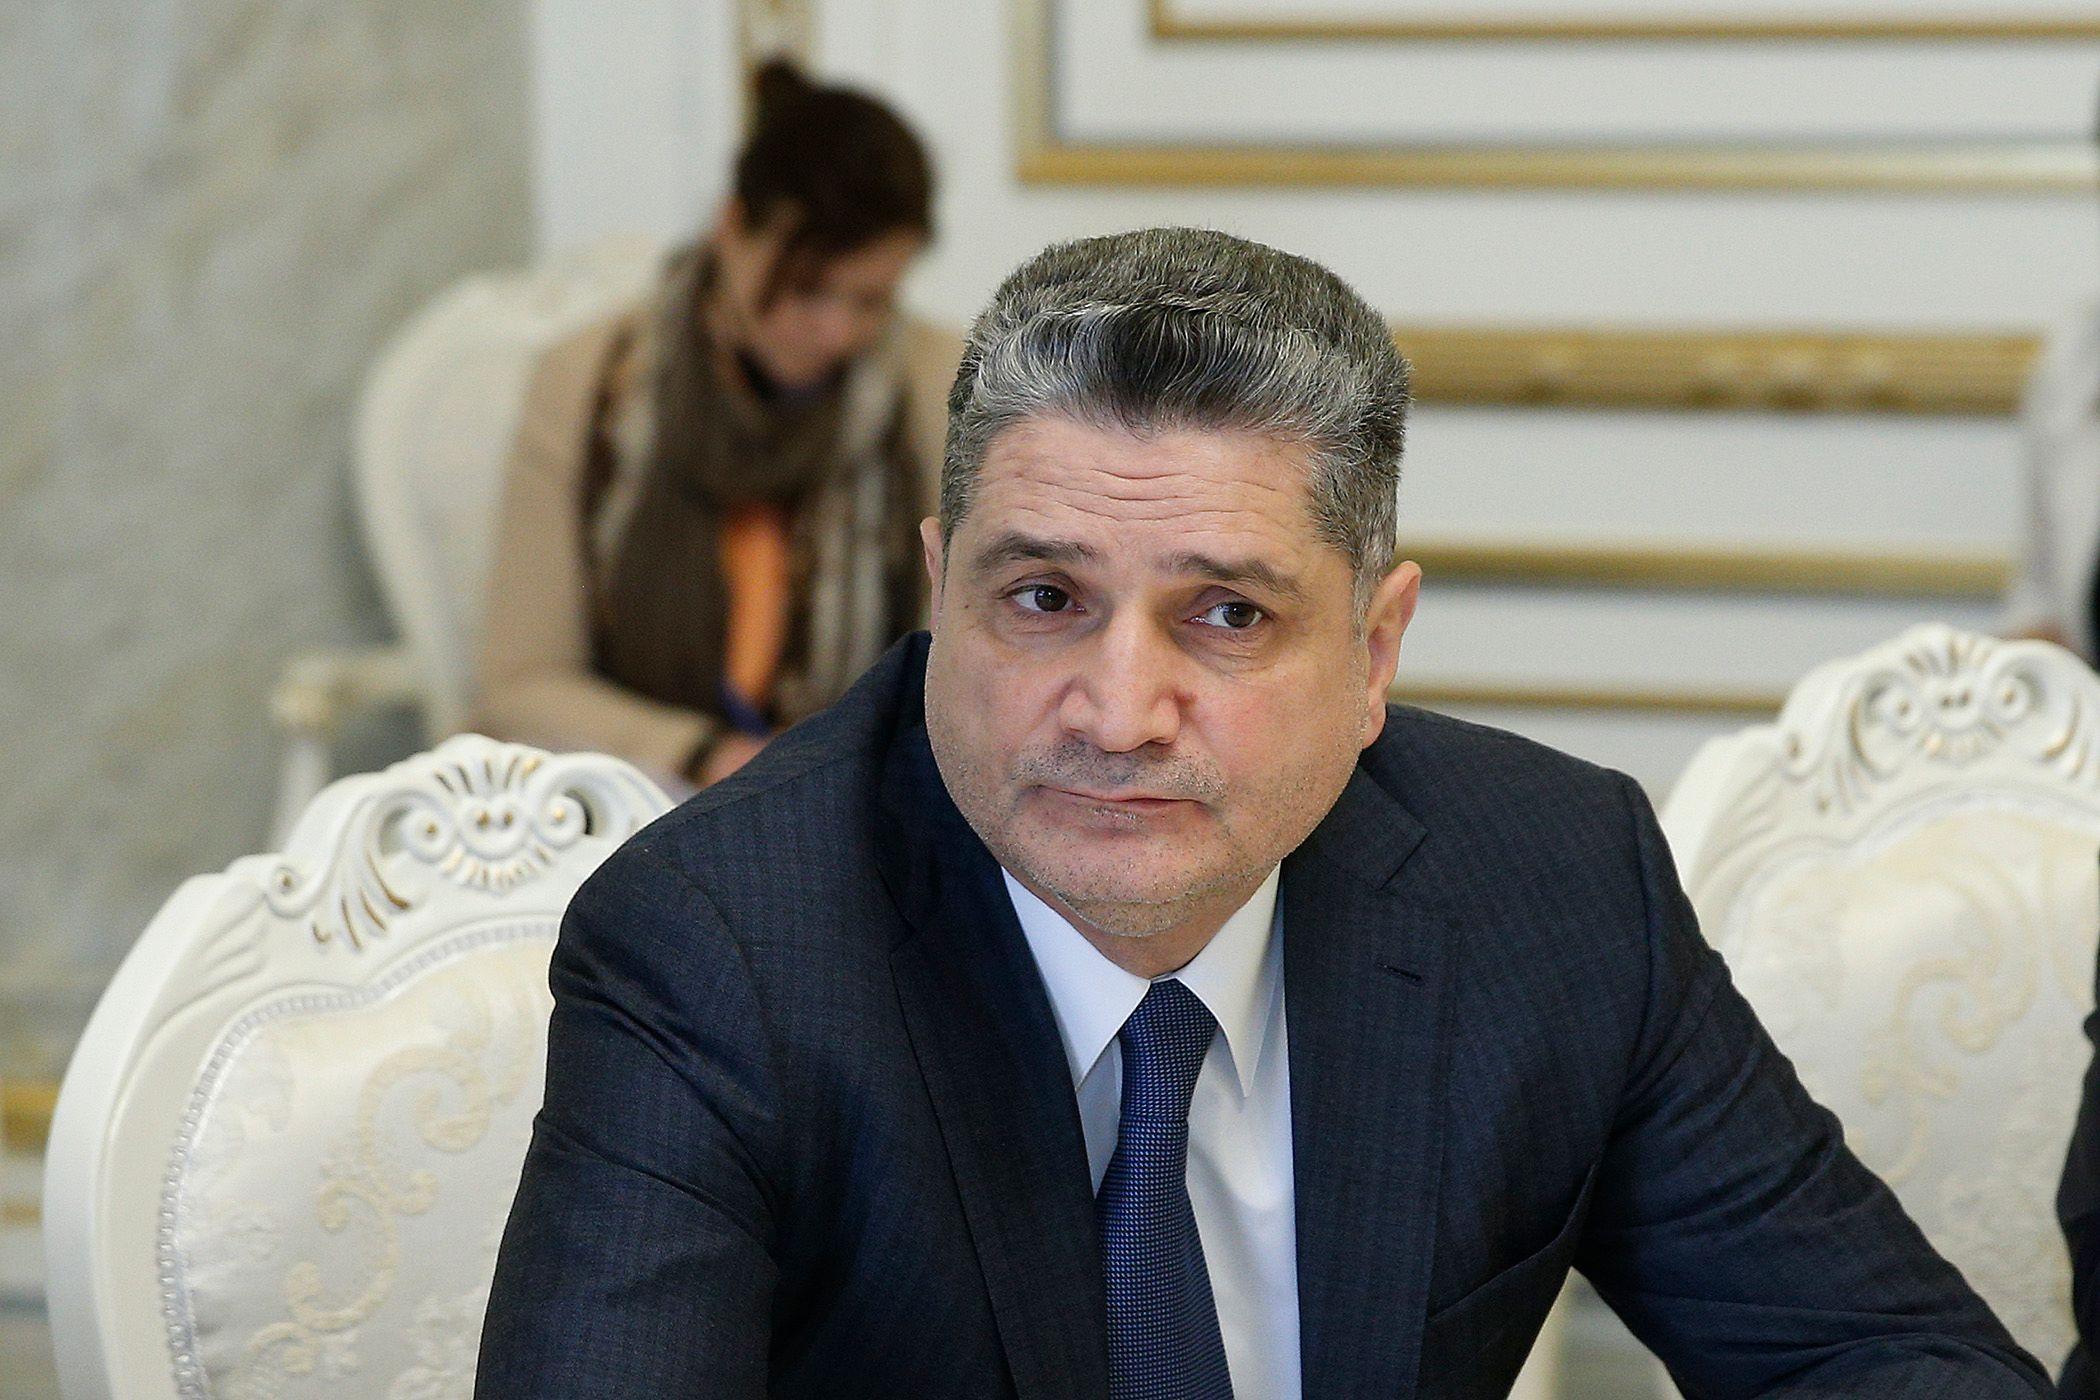 Тигран Саркисян: Концепция евразийского бренда является актуальной задачей- Kapital.kz